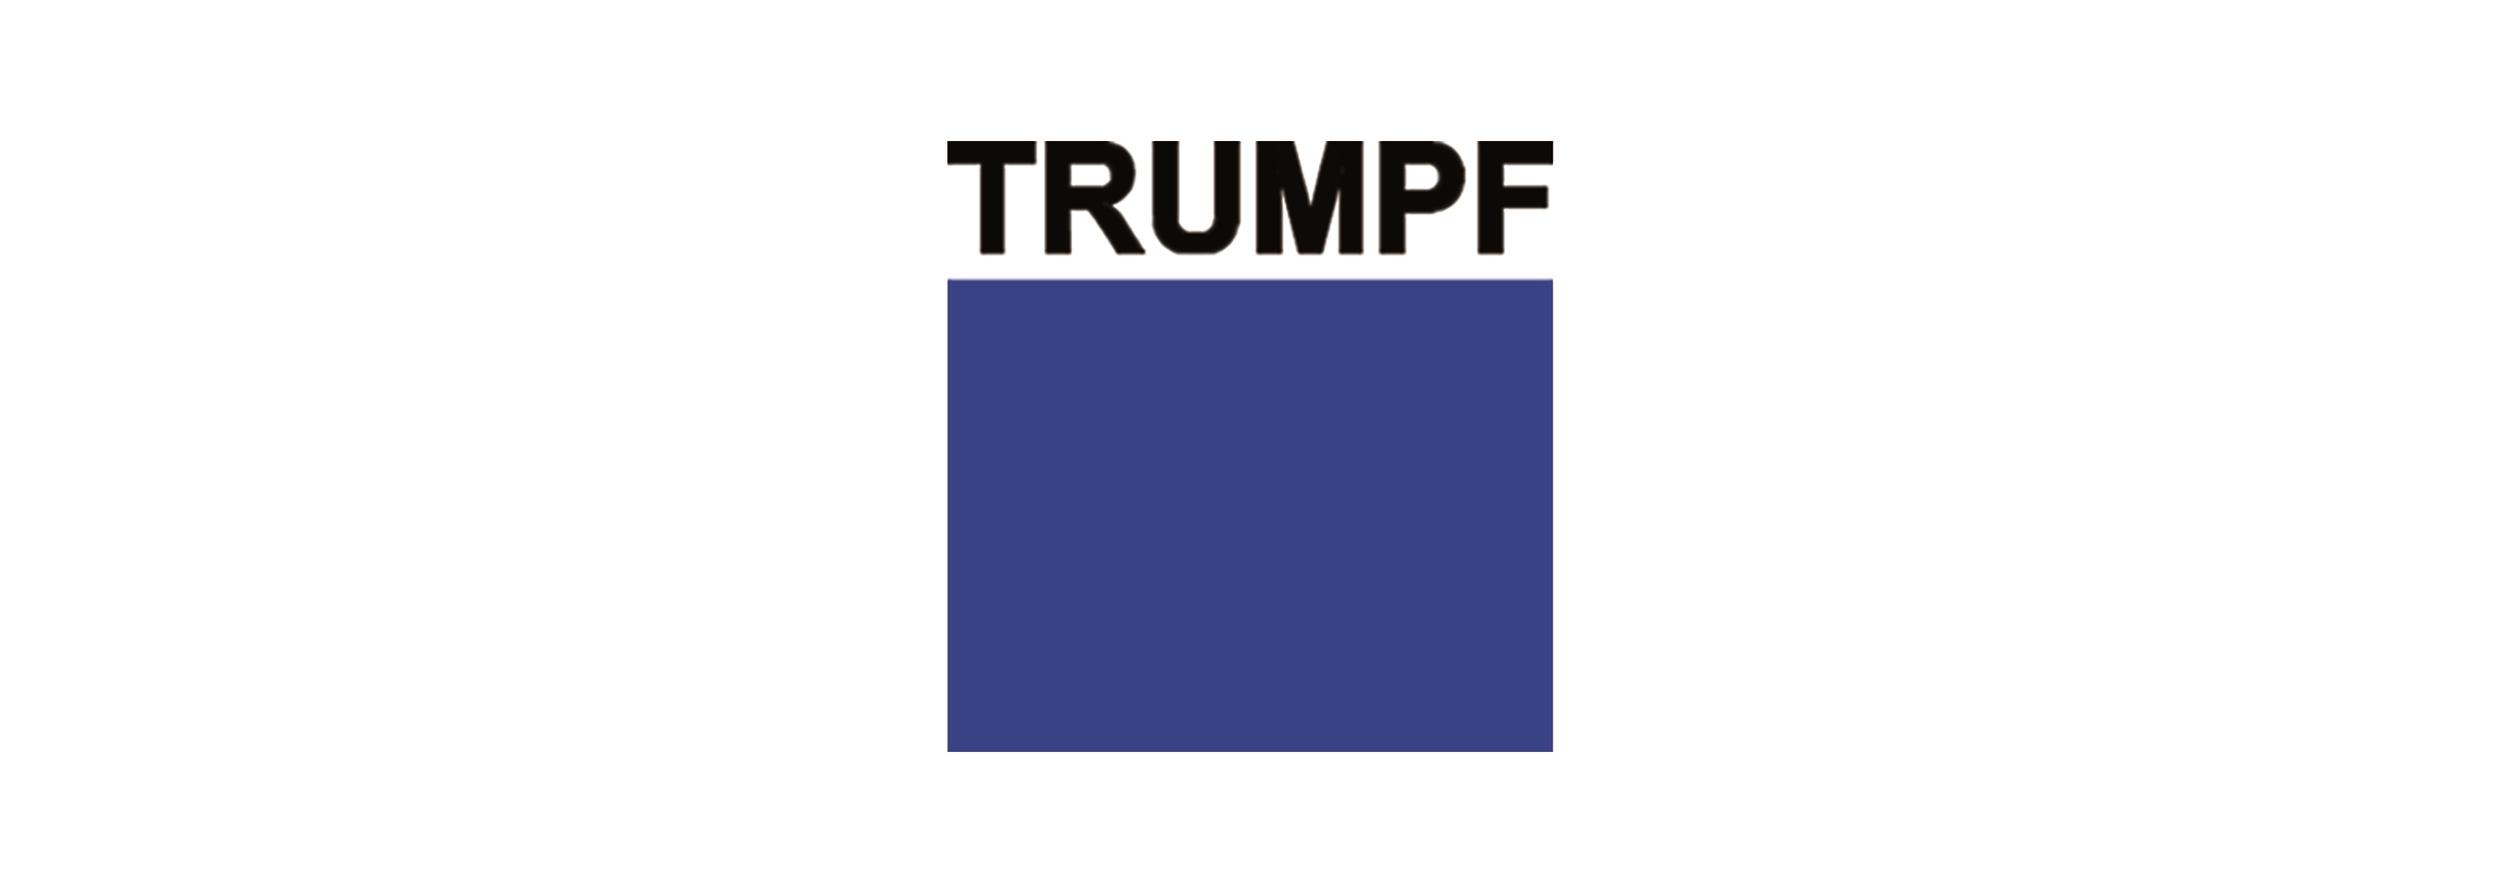 Trumpf B.jpg